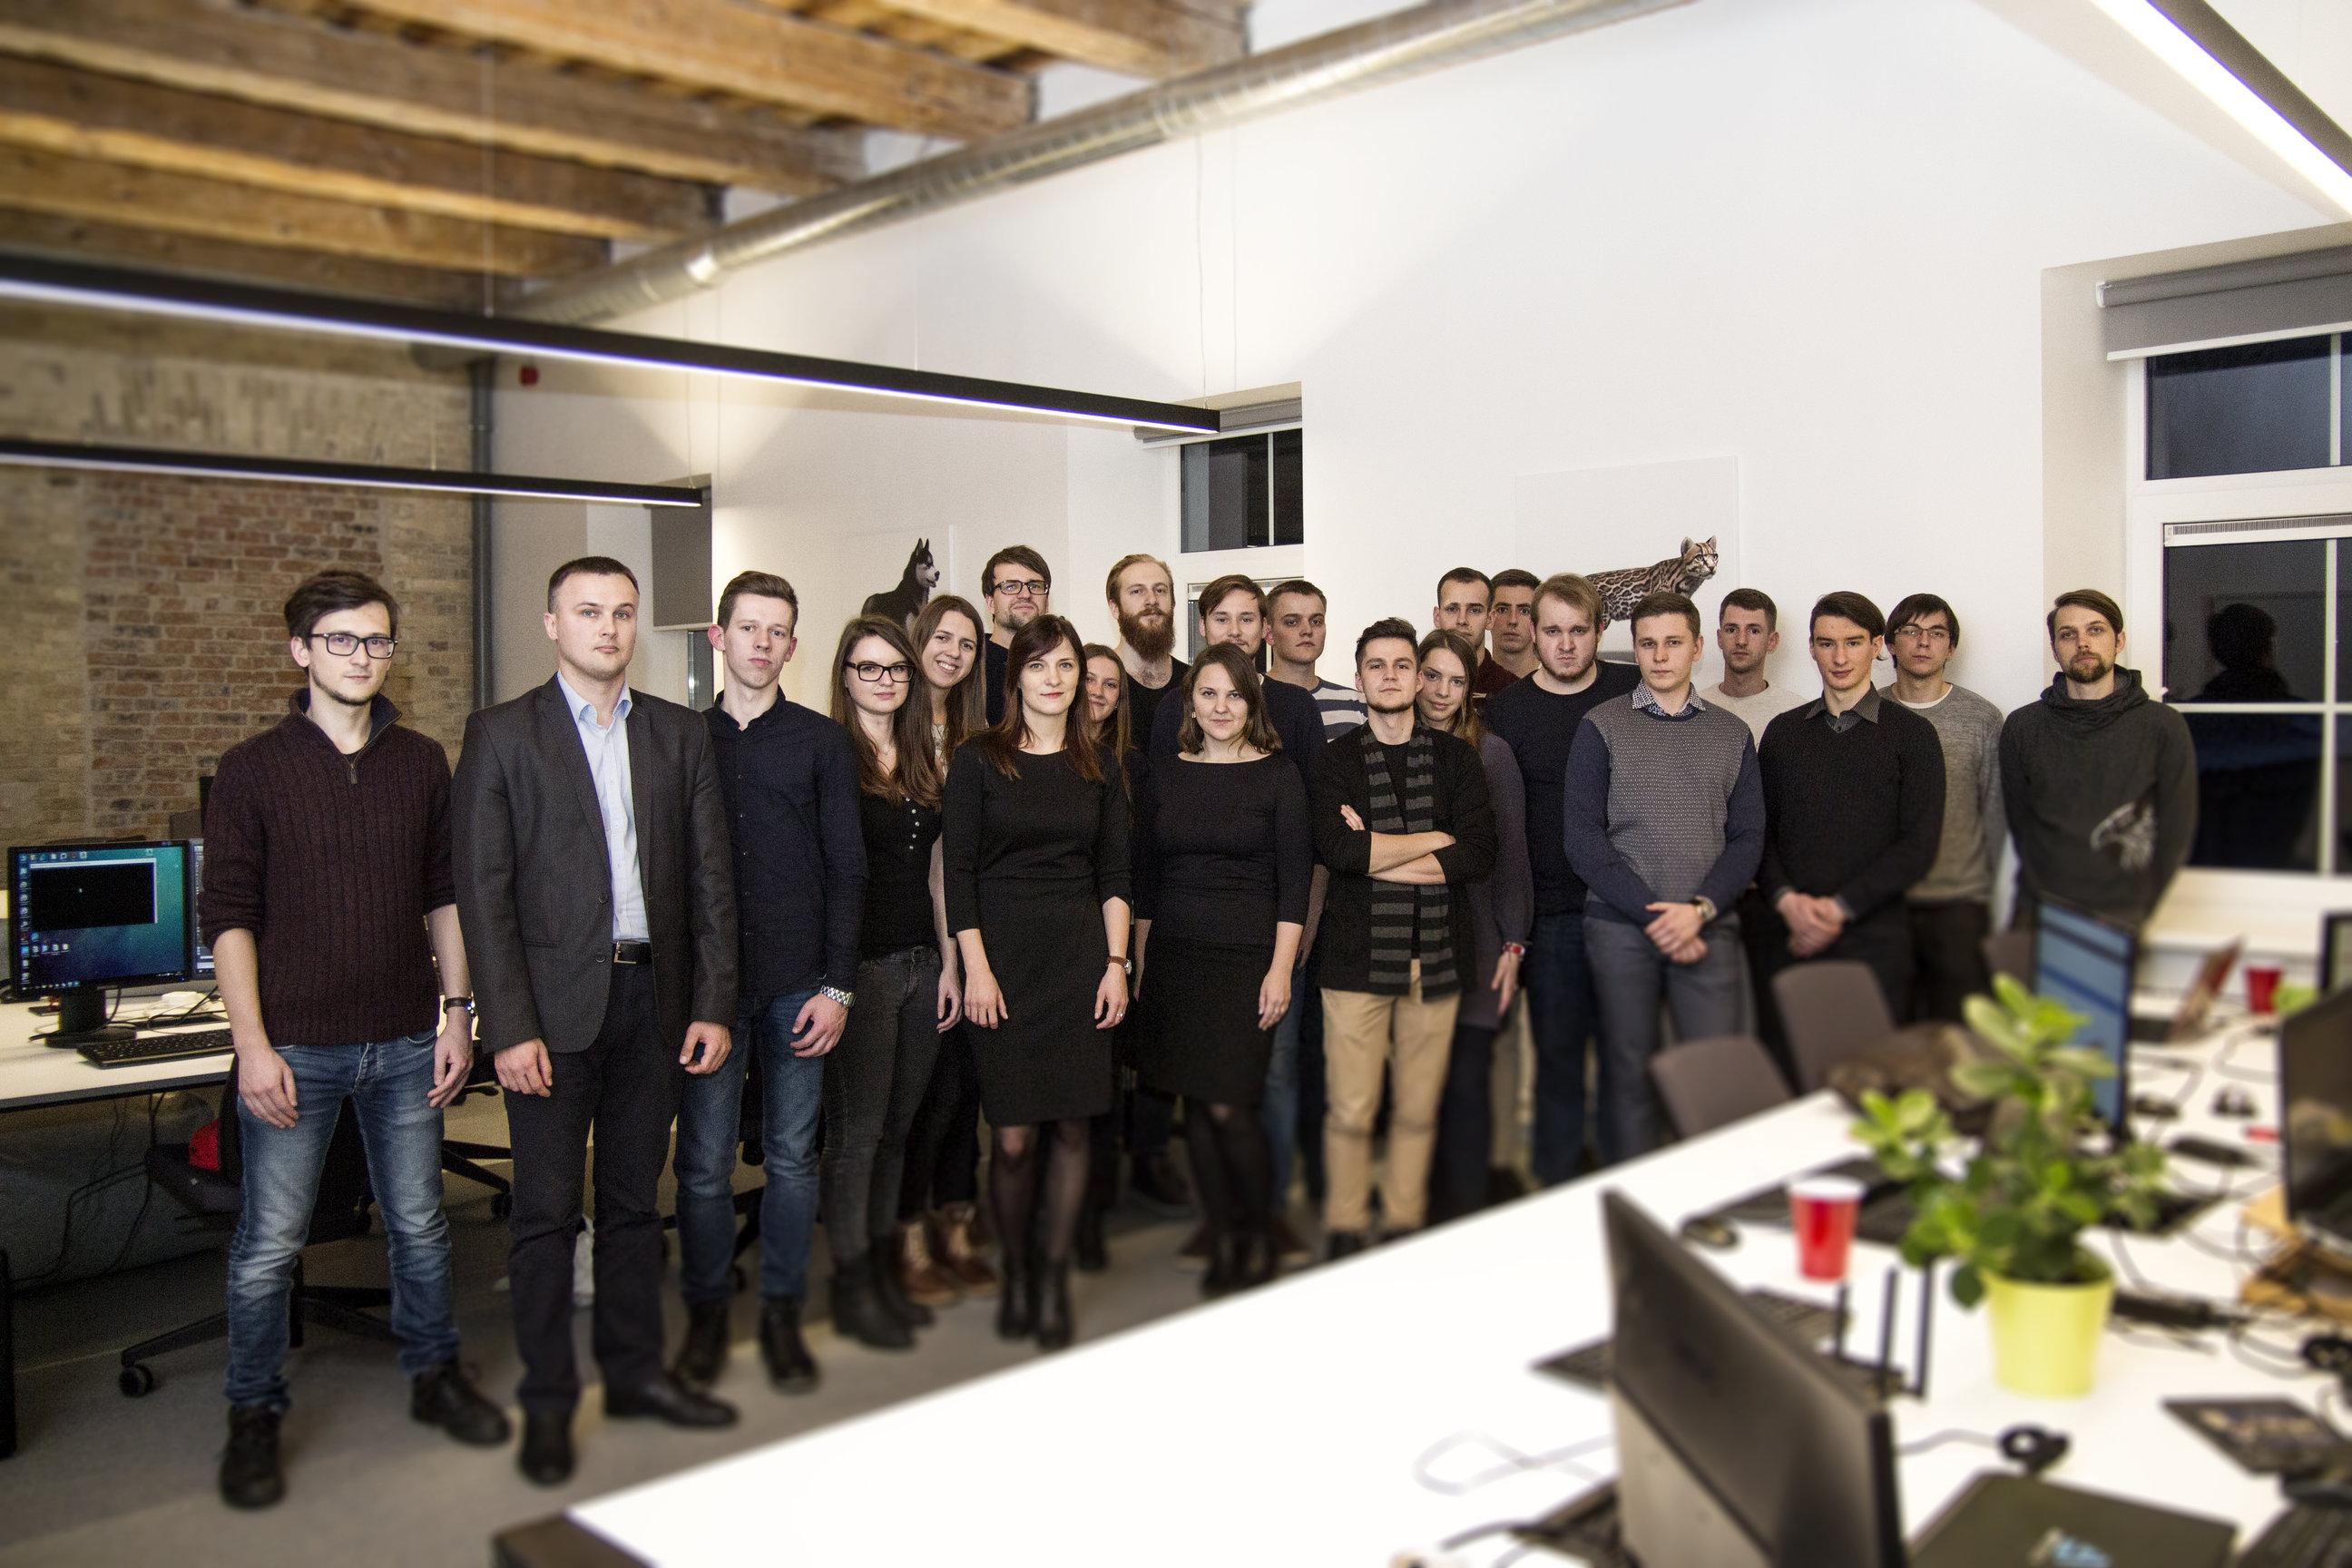 3D modelių prekyvietė CGTrader pritraukė 2 milijonų EUR investiciją